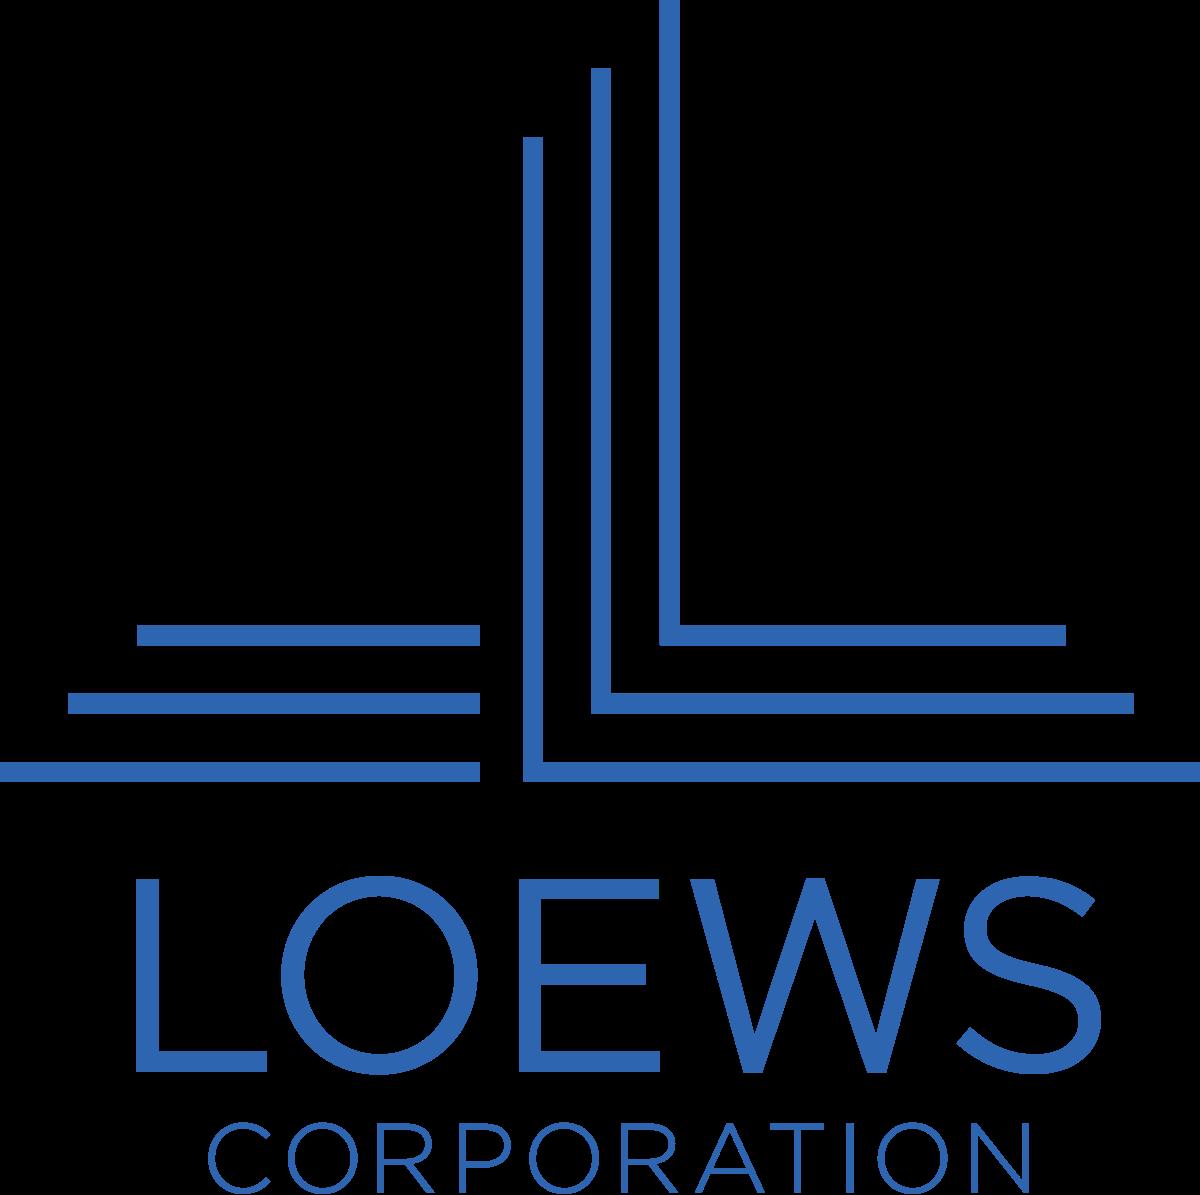 Loews Corp.